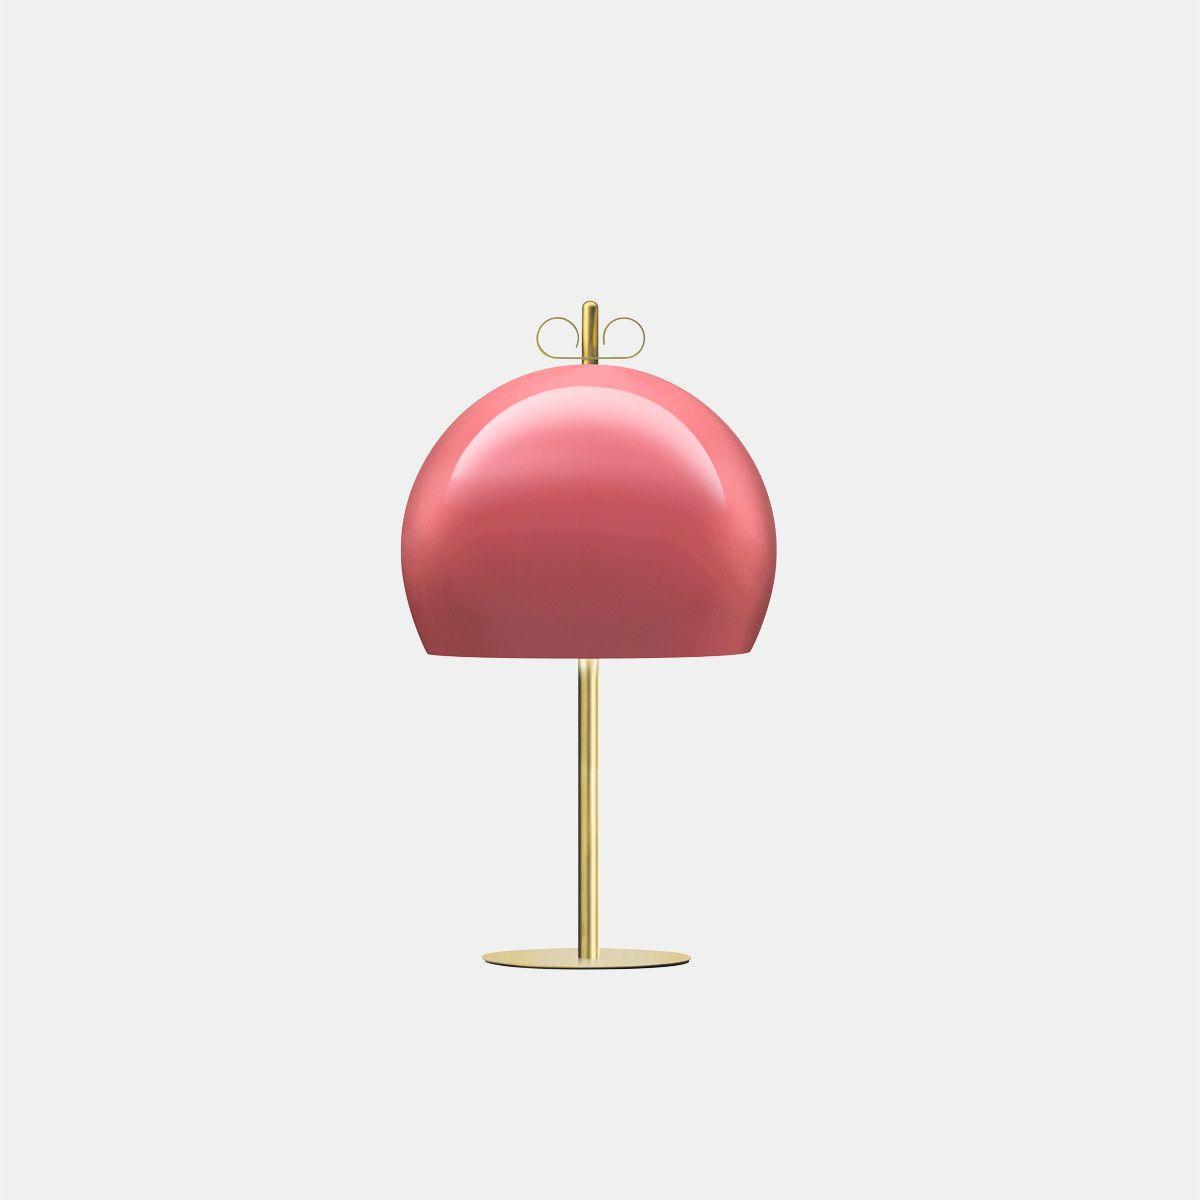 מנורת שולחן – בצבע ורוד N10_30